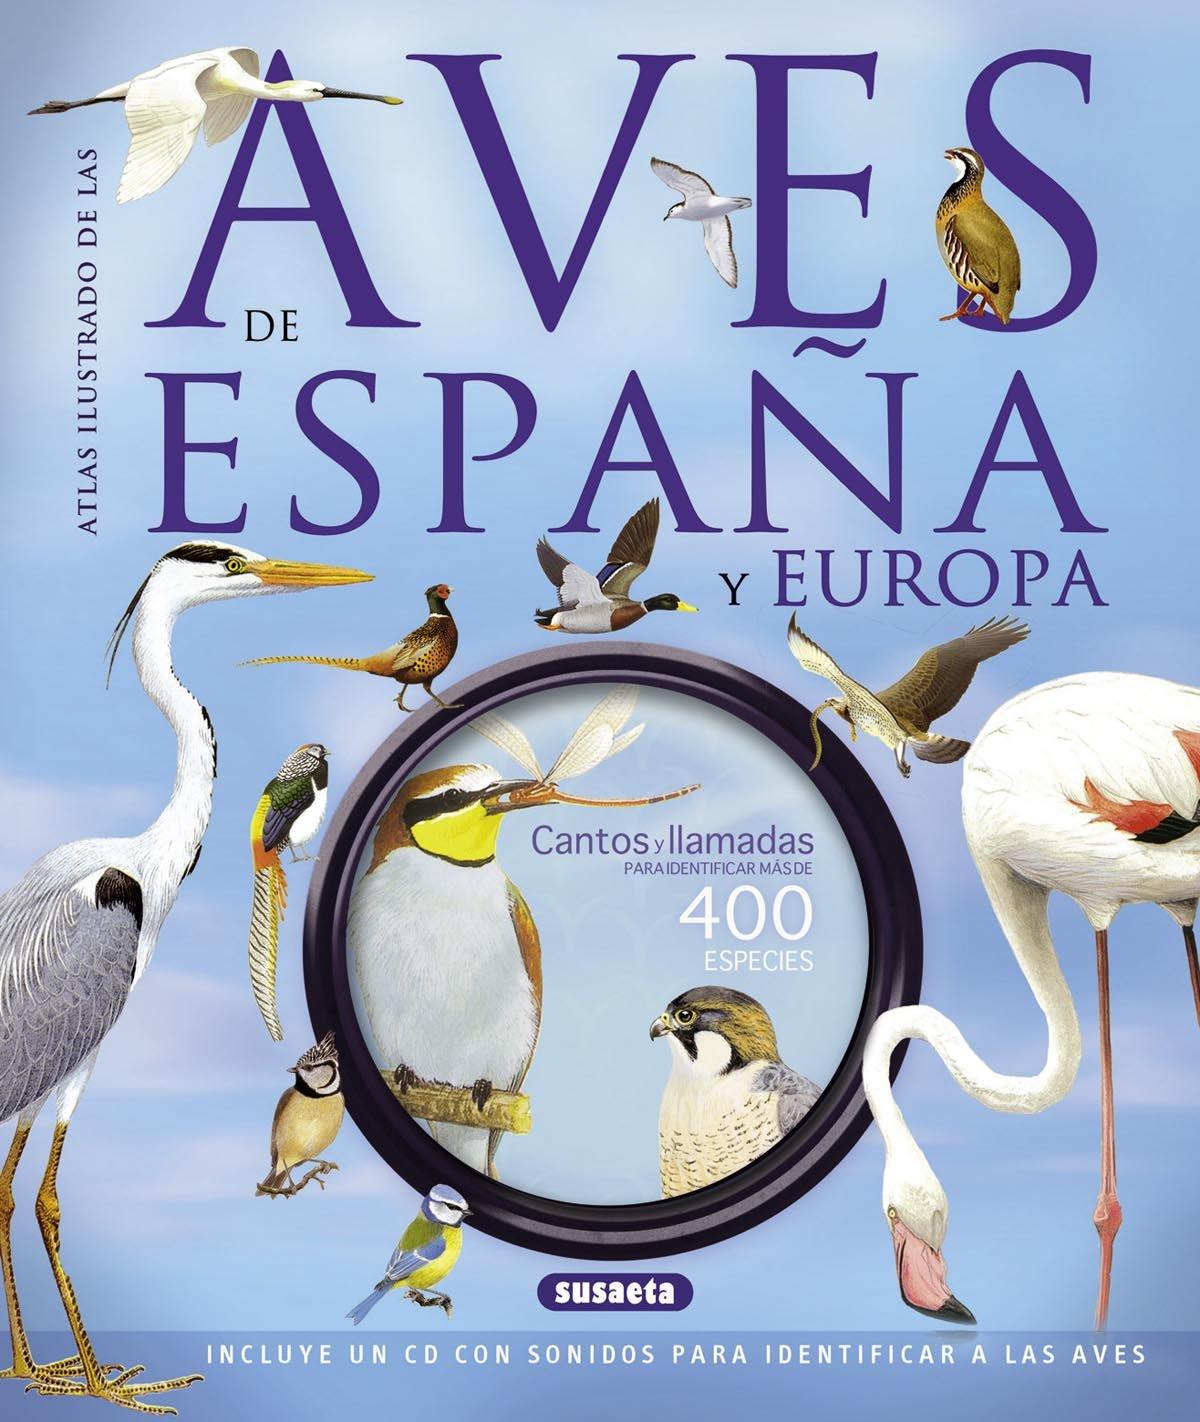 Las aves de España y Europa con CD Atlas Ilustrado: Amazon.es: Sterry, Paul, Cleave, Andrew, Clements, Andy, Goodfellow, Peter: Libros